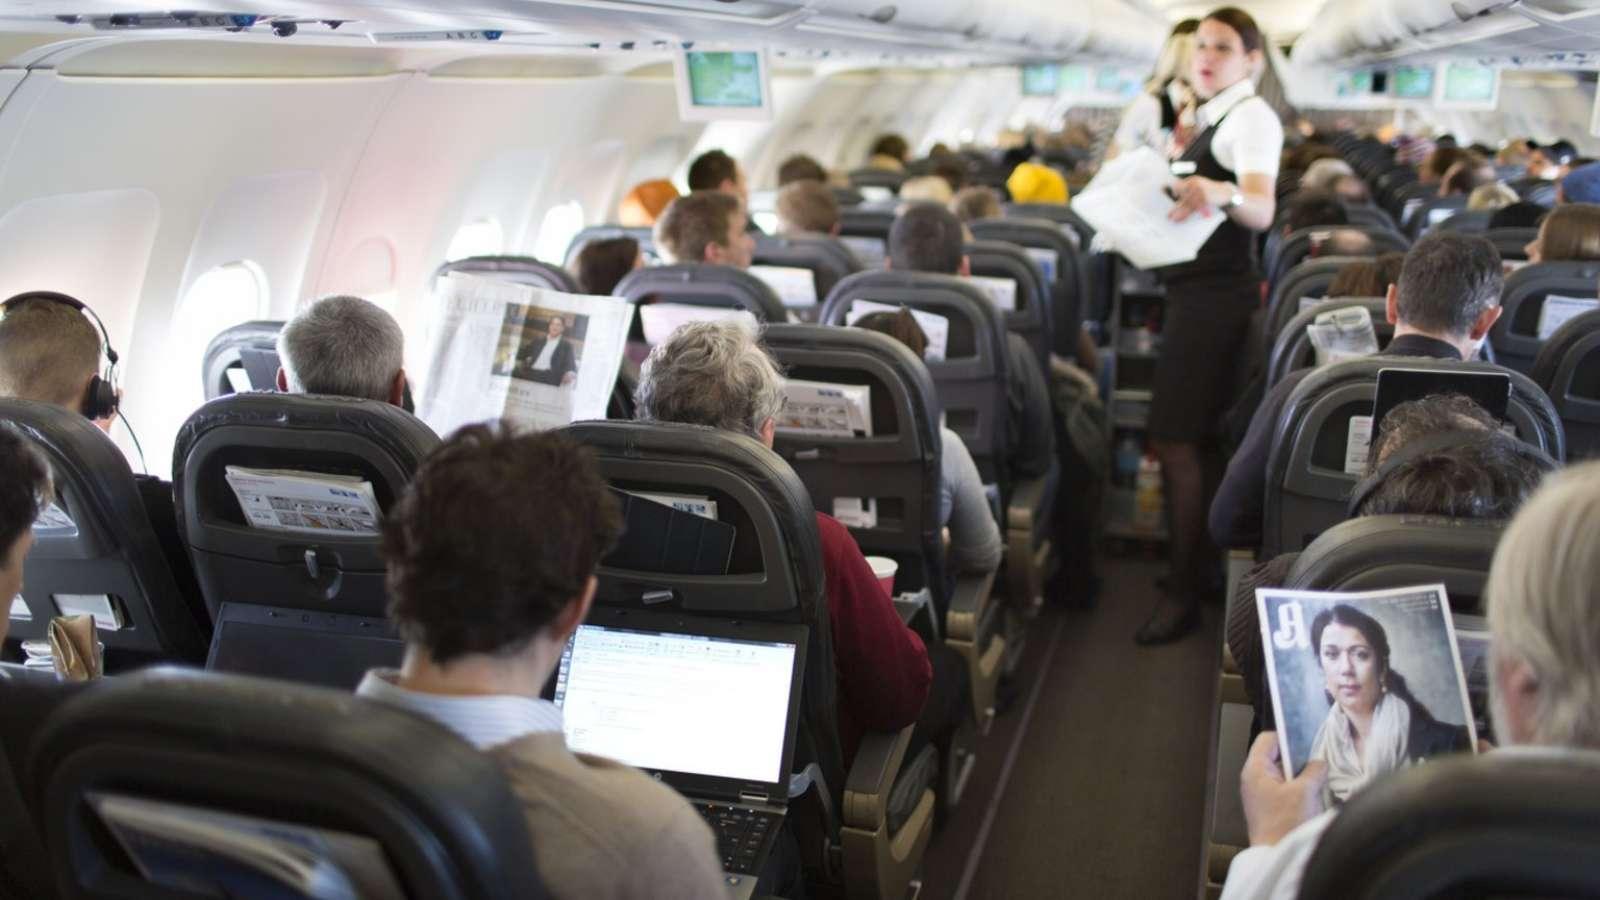 Lesestoff gibt bald ausschliesslich elektronisch - jedenfalls für Passagiere der Holzklasse.